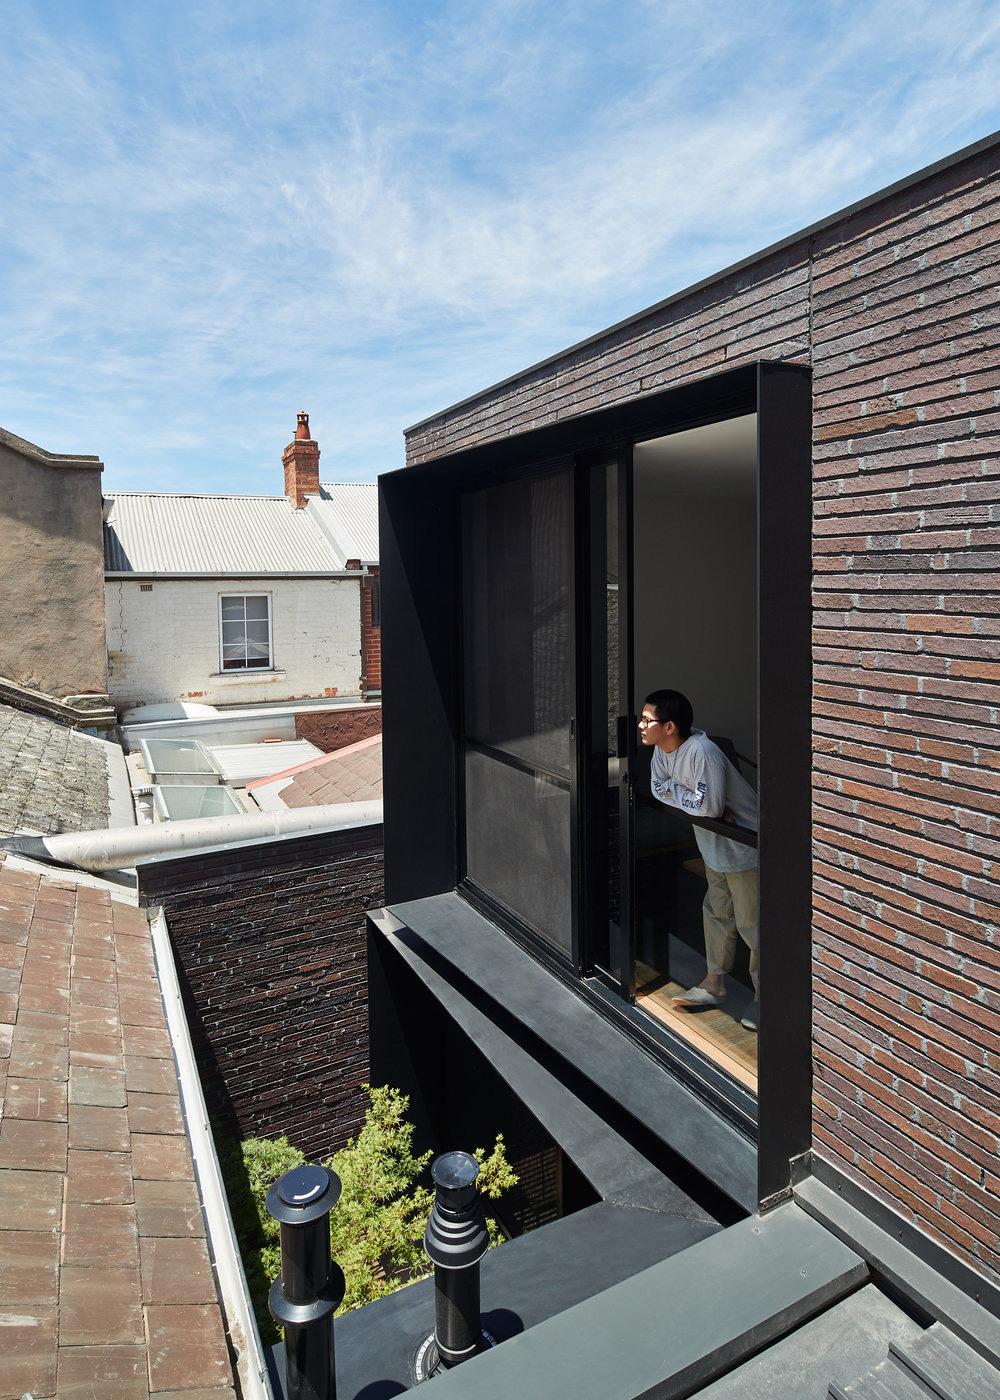 Image: Elgin Stree Residence, Sonelo Design